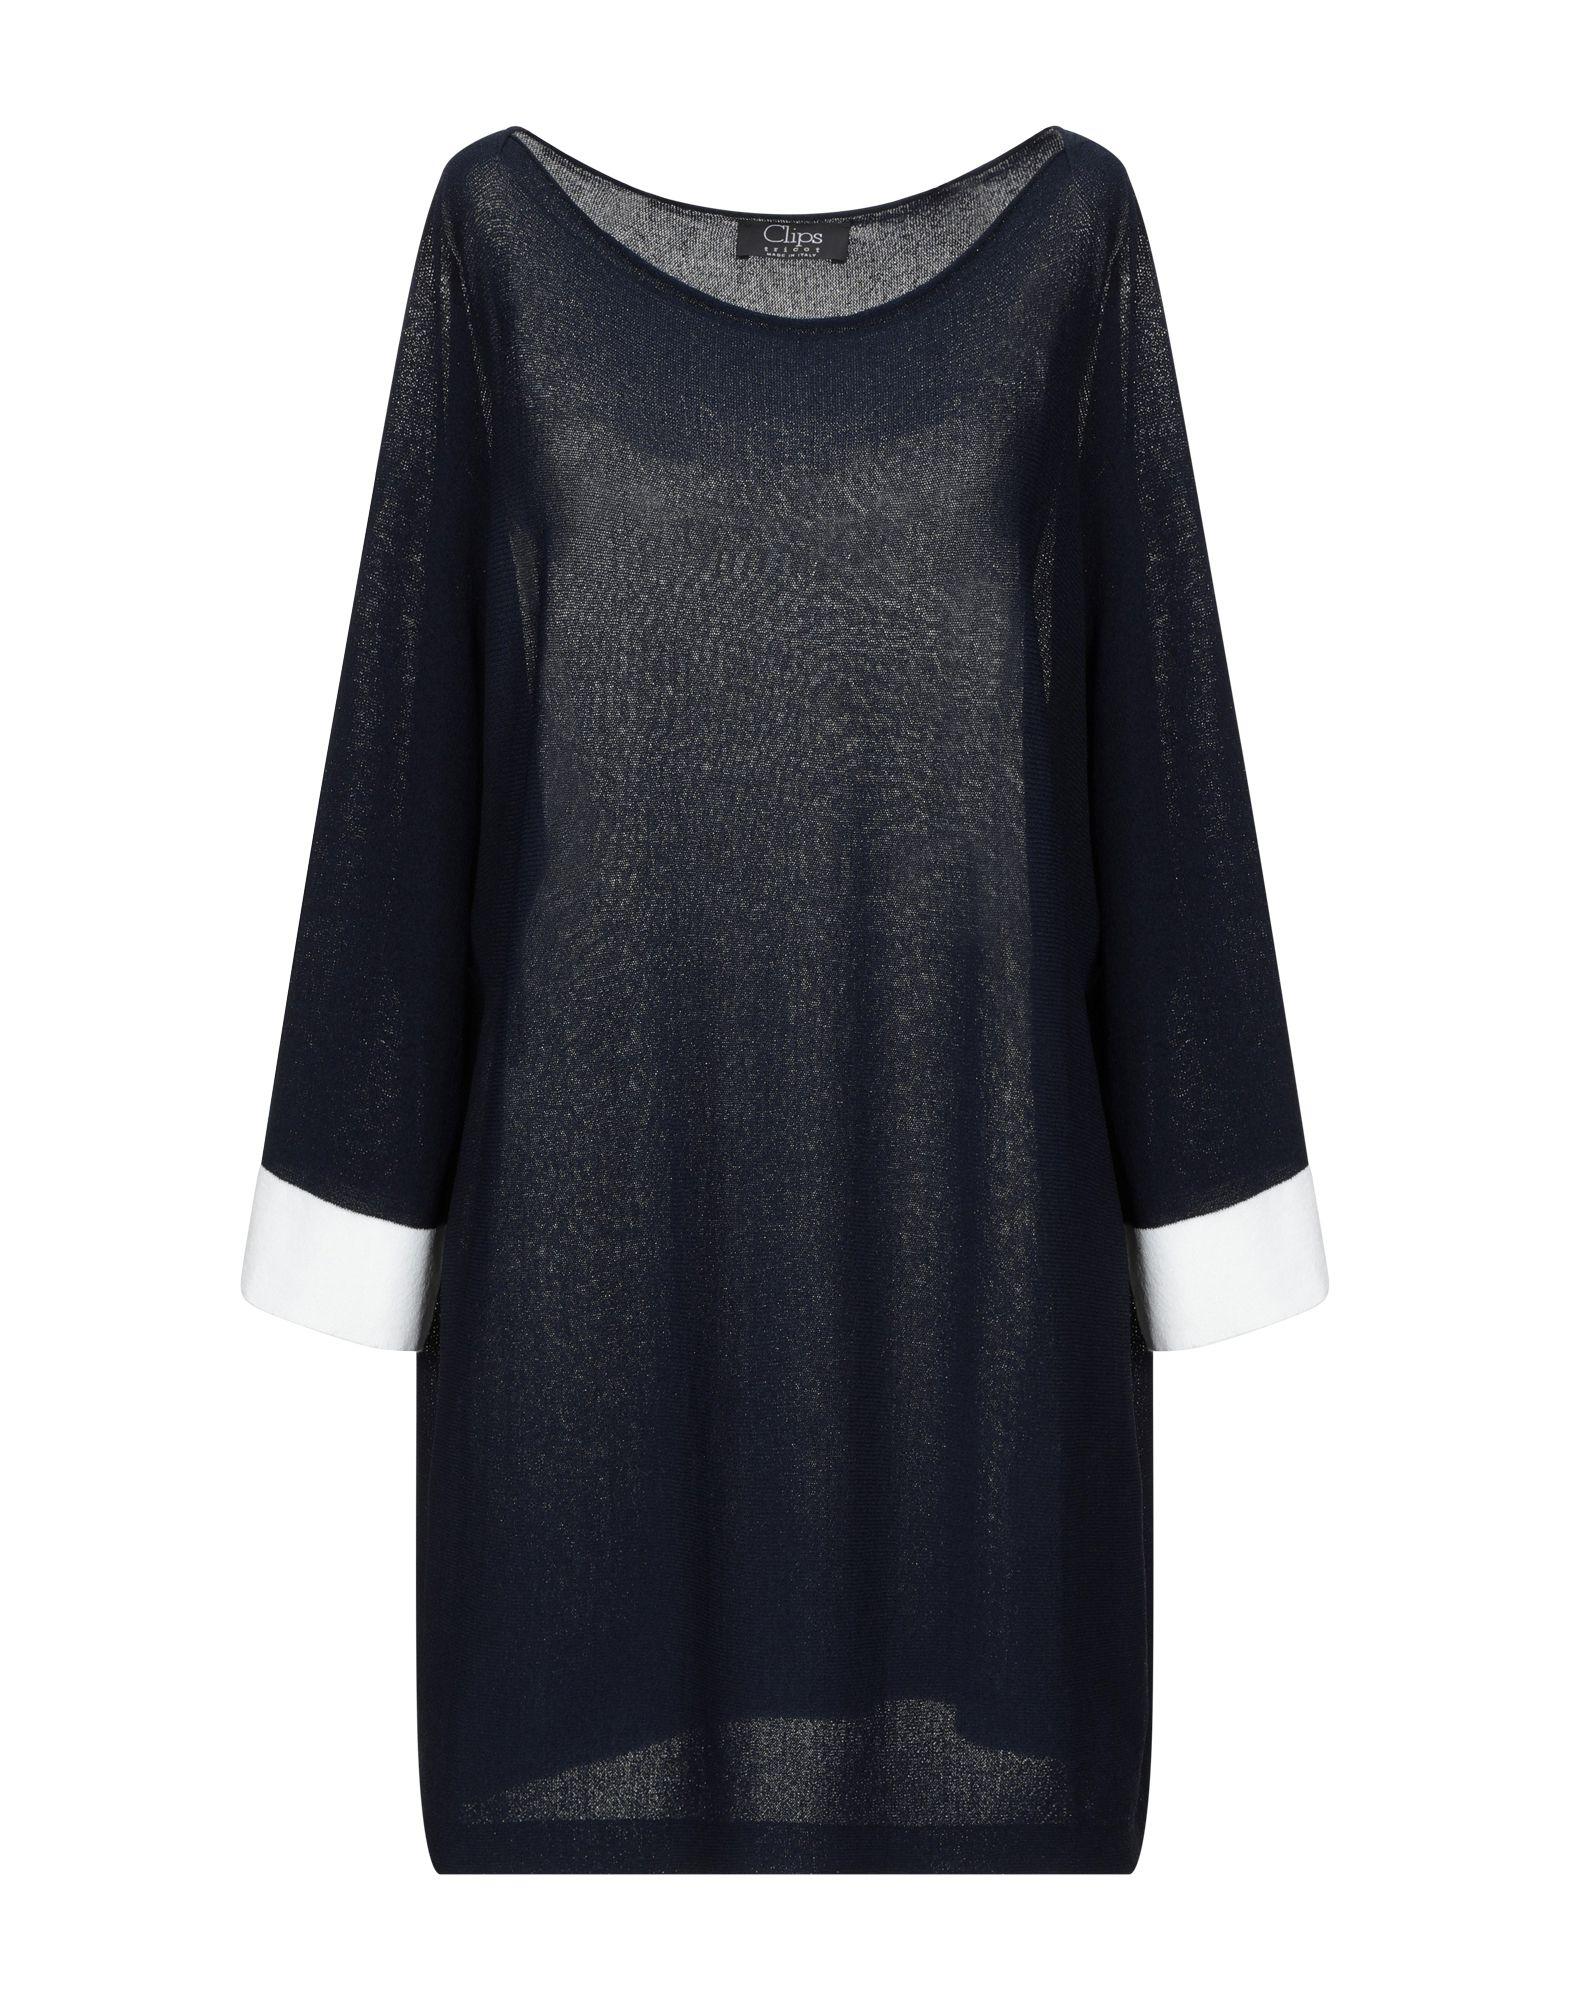 b67589591d0 Брендовая женская одежда и аксессуары - сток Itsunsolutions